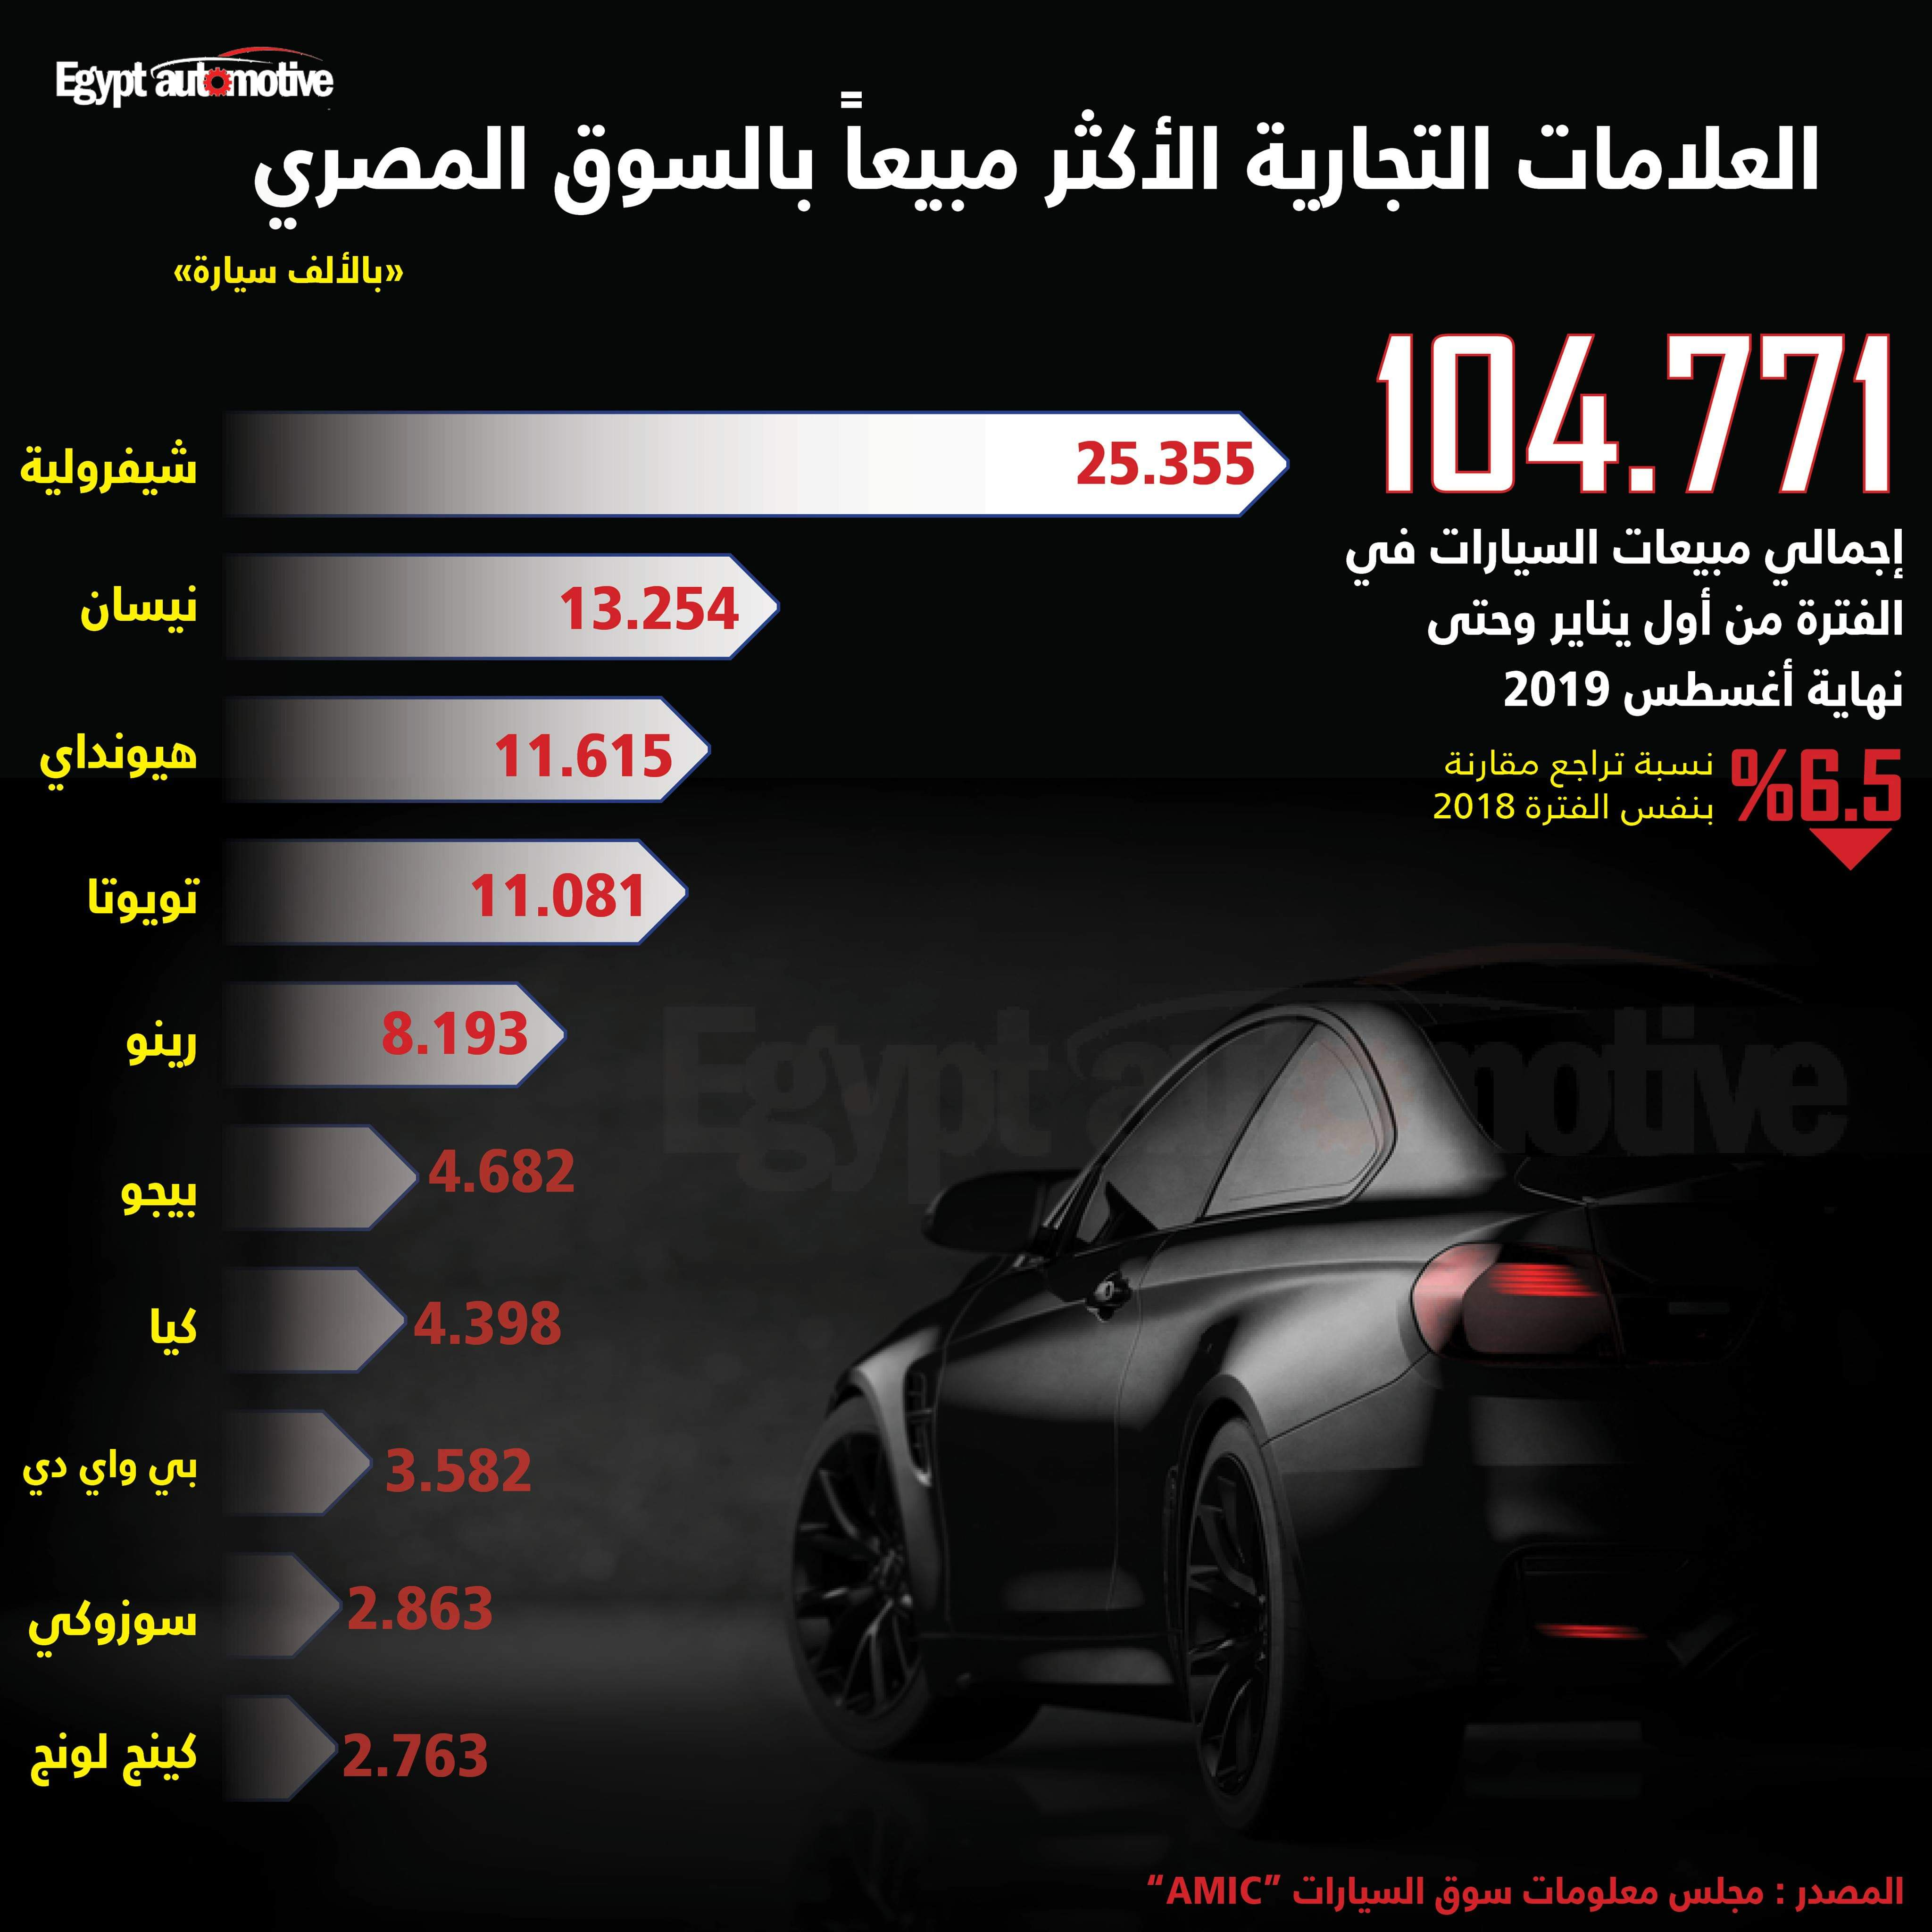 شيفروليه تستحوذ على 24% من مبيعات السيارات خلال 8 أشهر